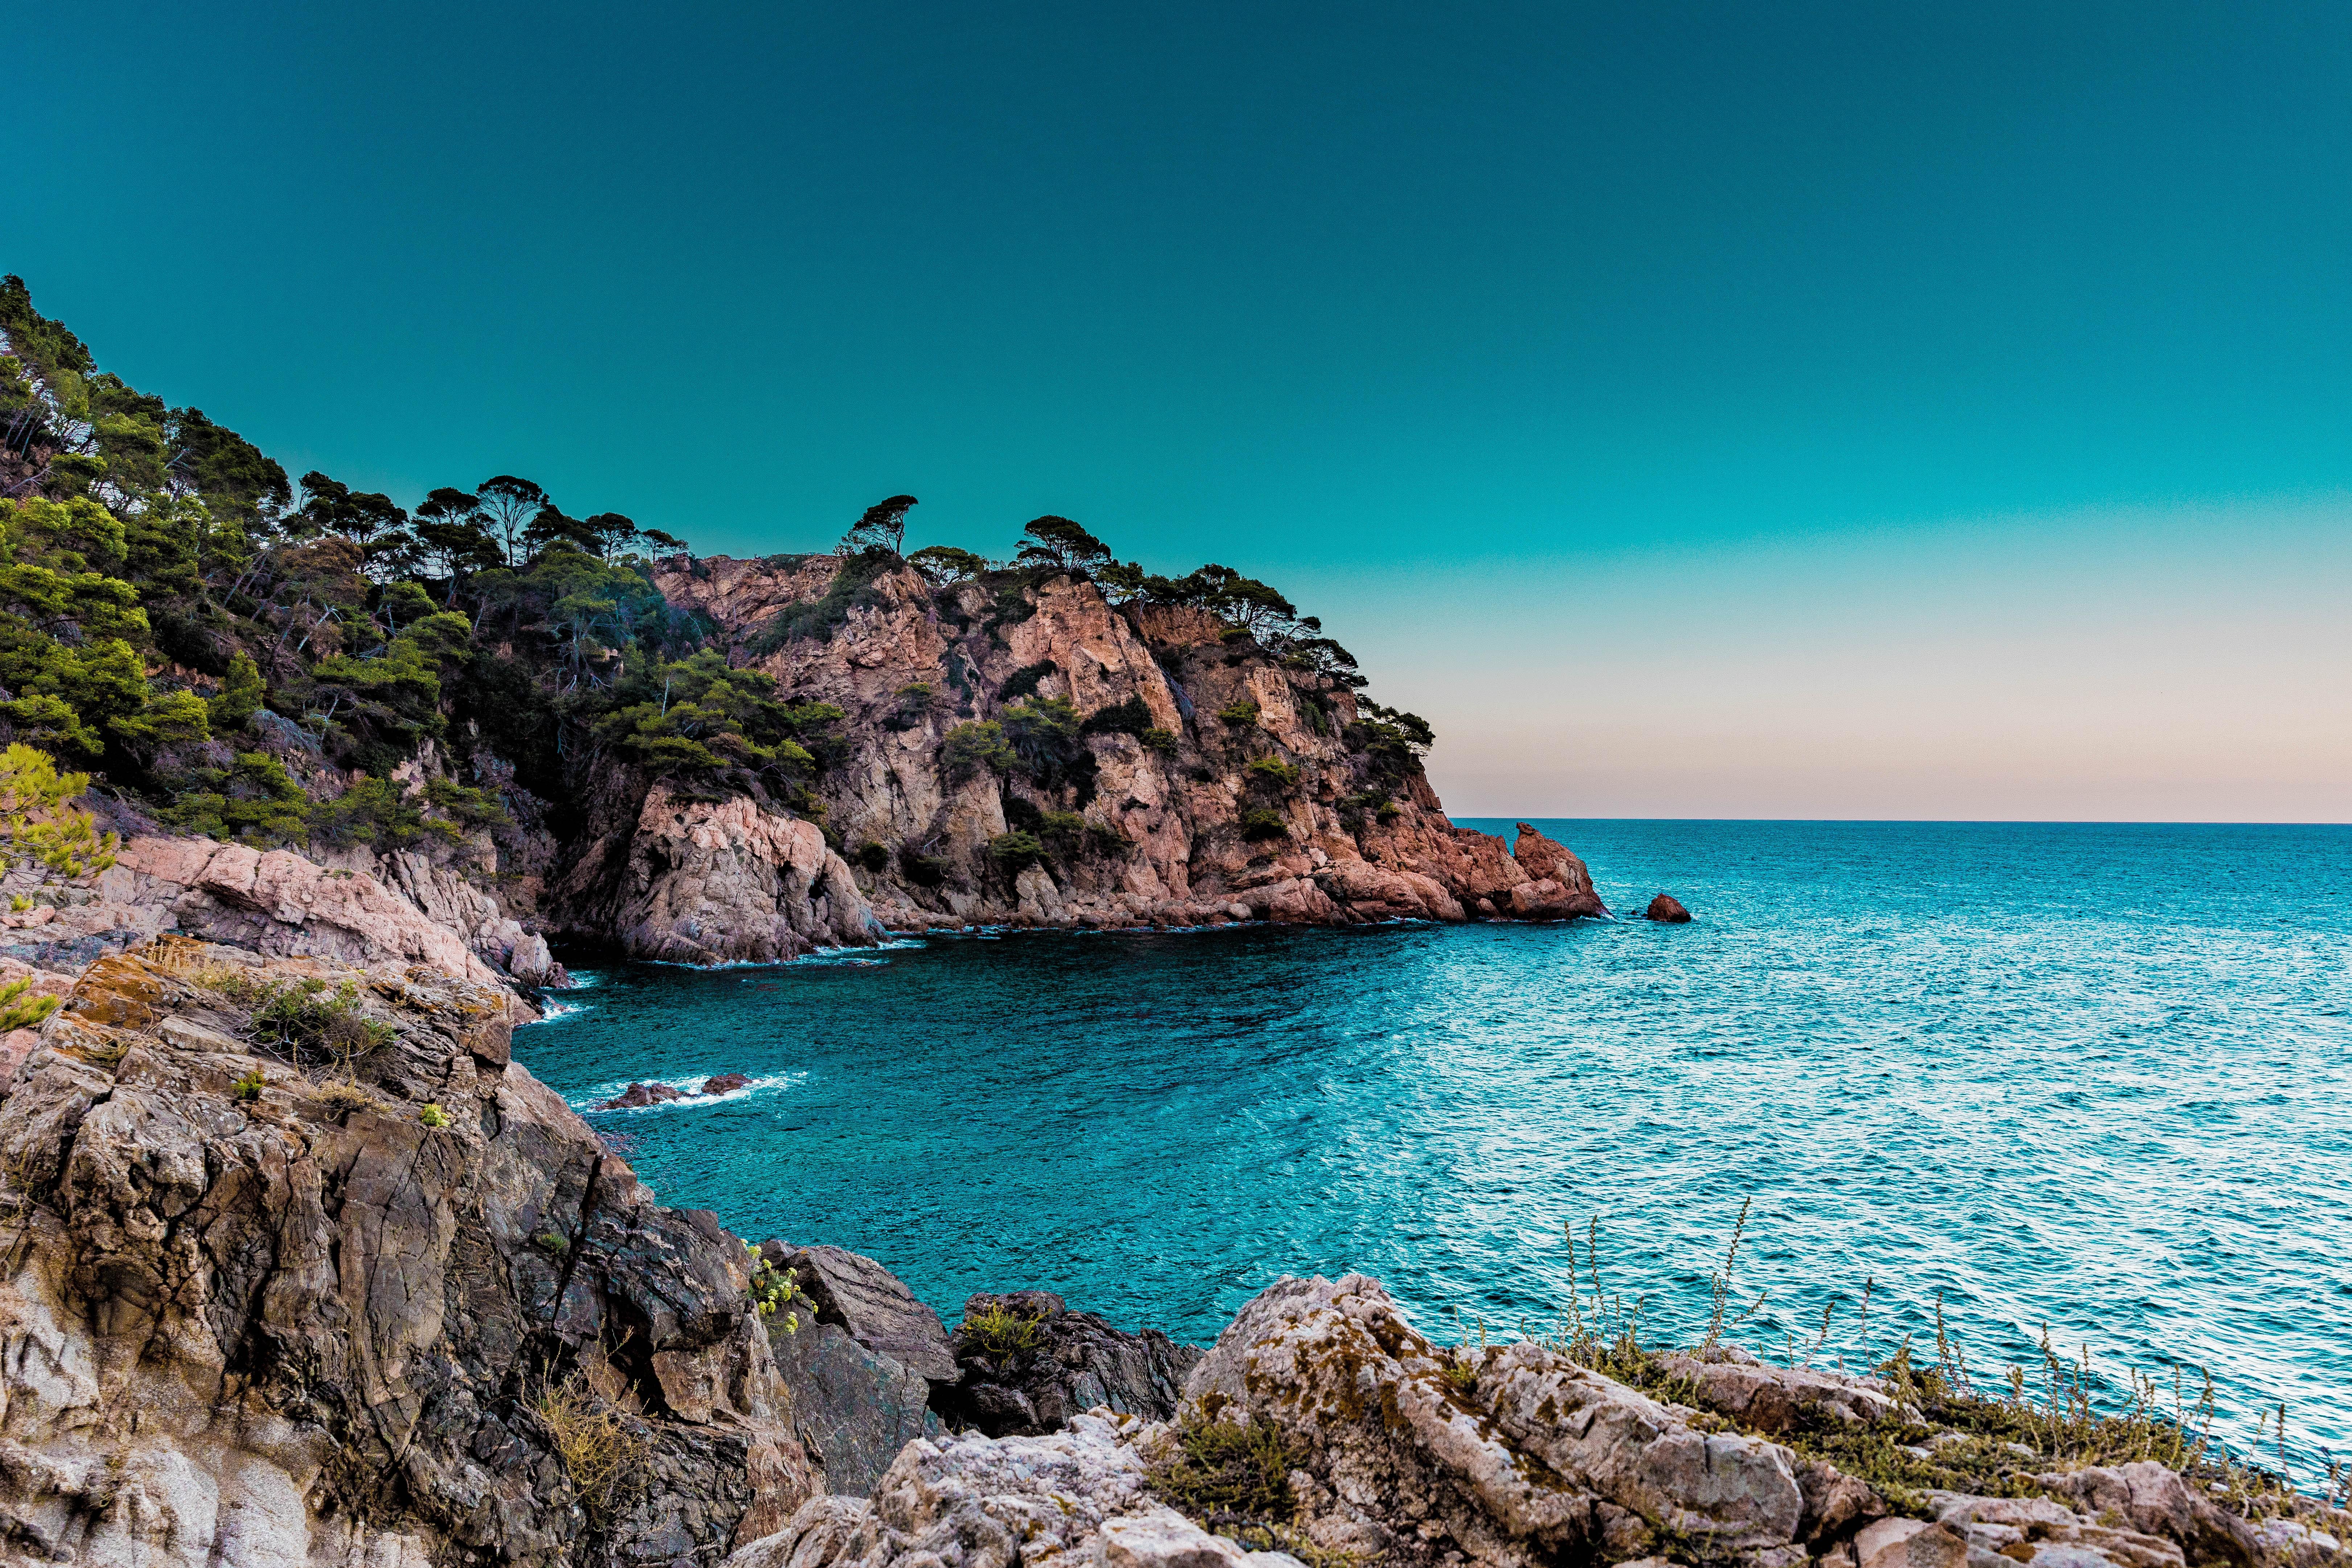 Cala de Marbella